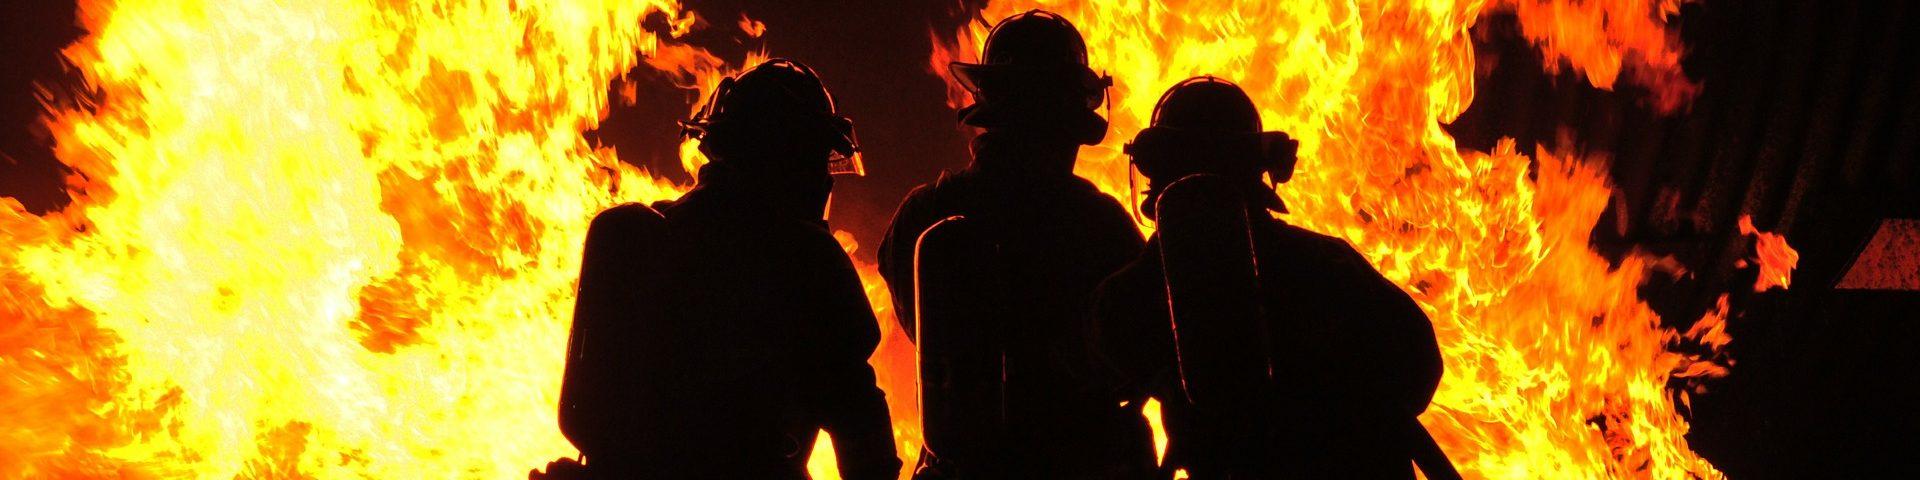 Freiwillige Feuerwehr Gossersweiler-Stein